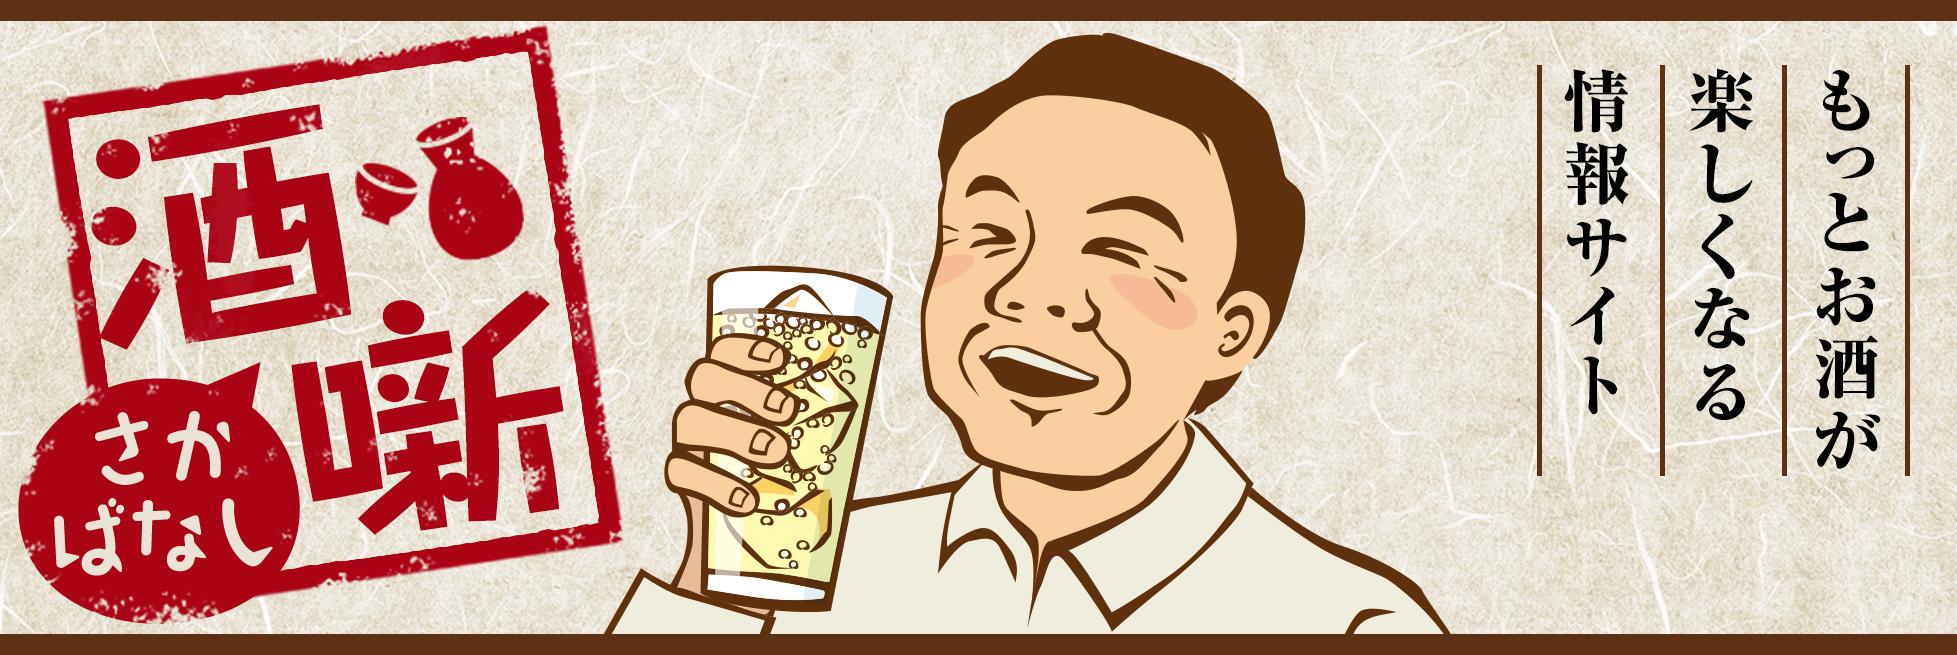 酒噺 ~もっとお酒が楽しくなる情報サイト~